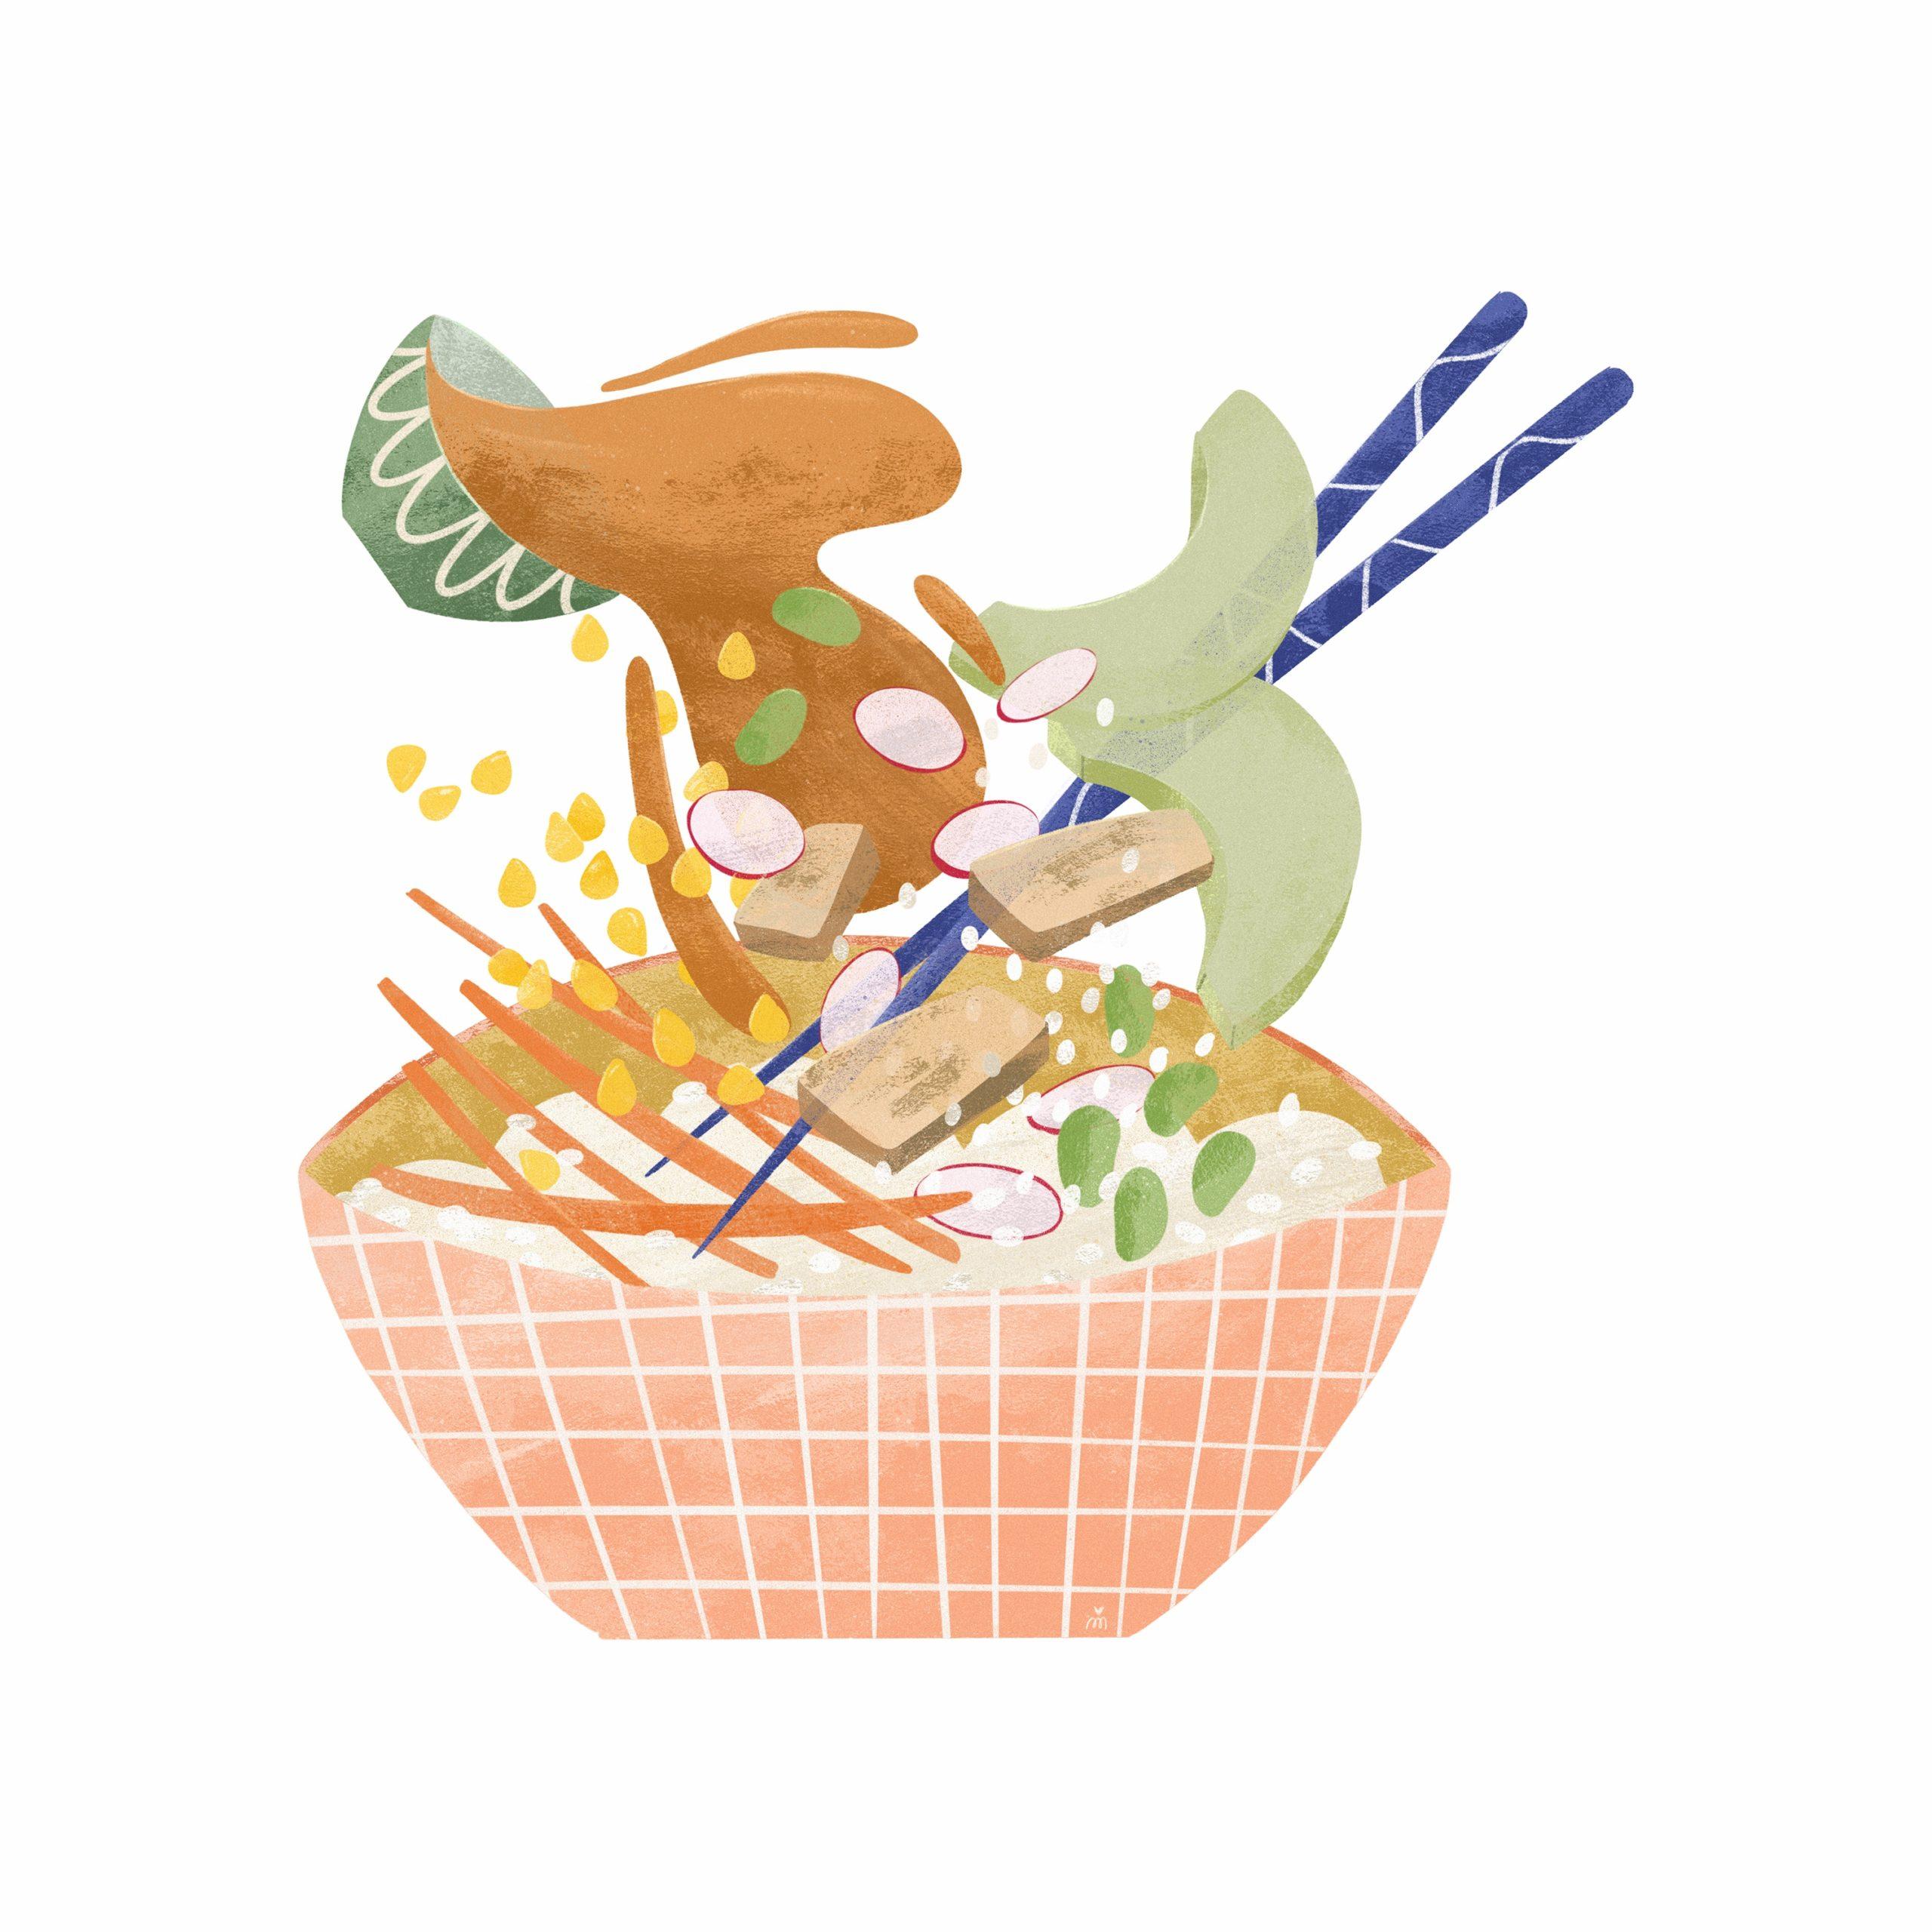 Mes recettes illustrées : le Poke Bowl